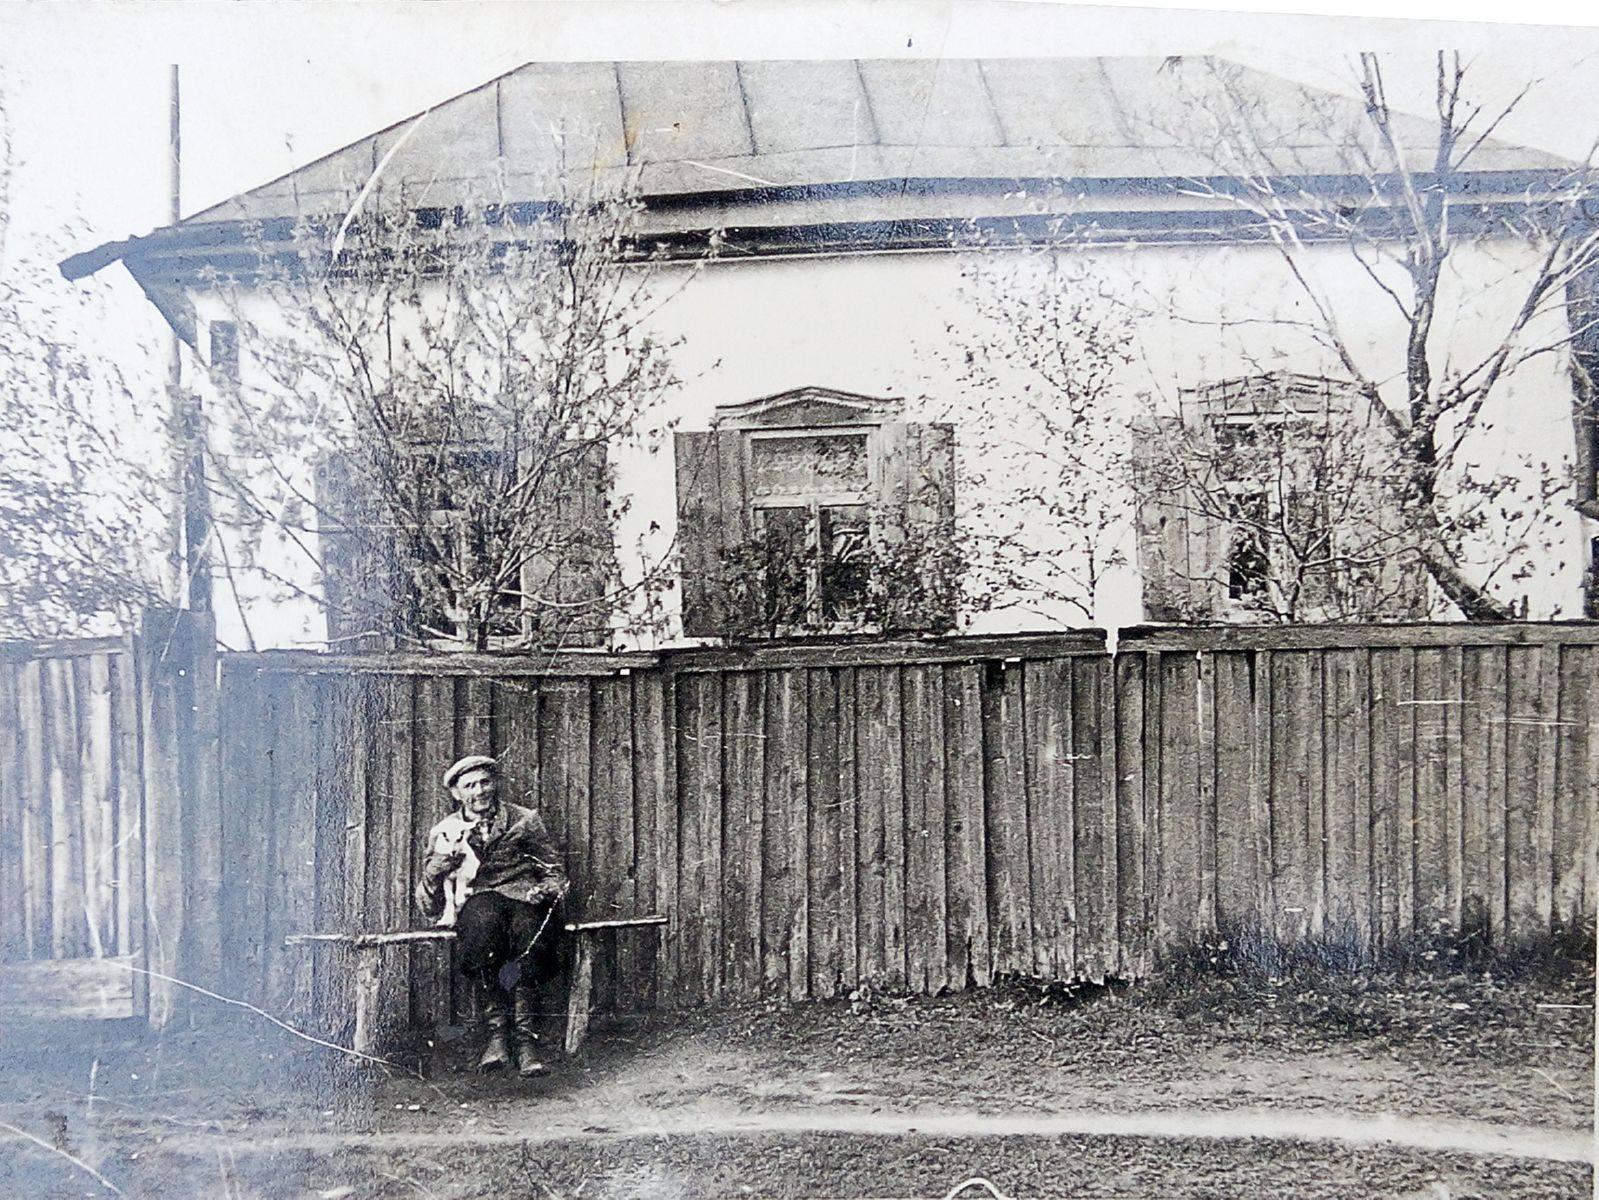 Іван Стрижаков біля будинку, в якому народився Василь Кричевський. Приватний архів родини Стрижакових